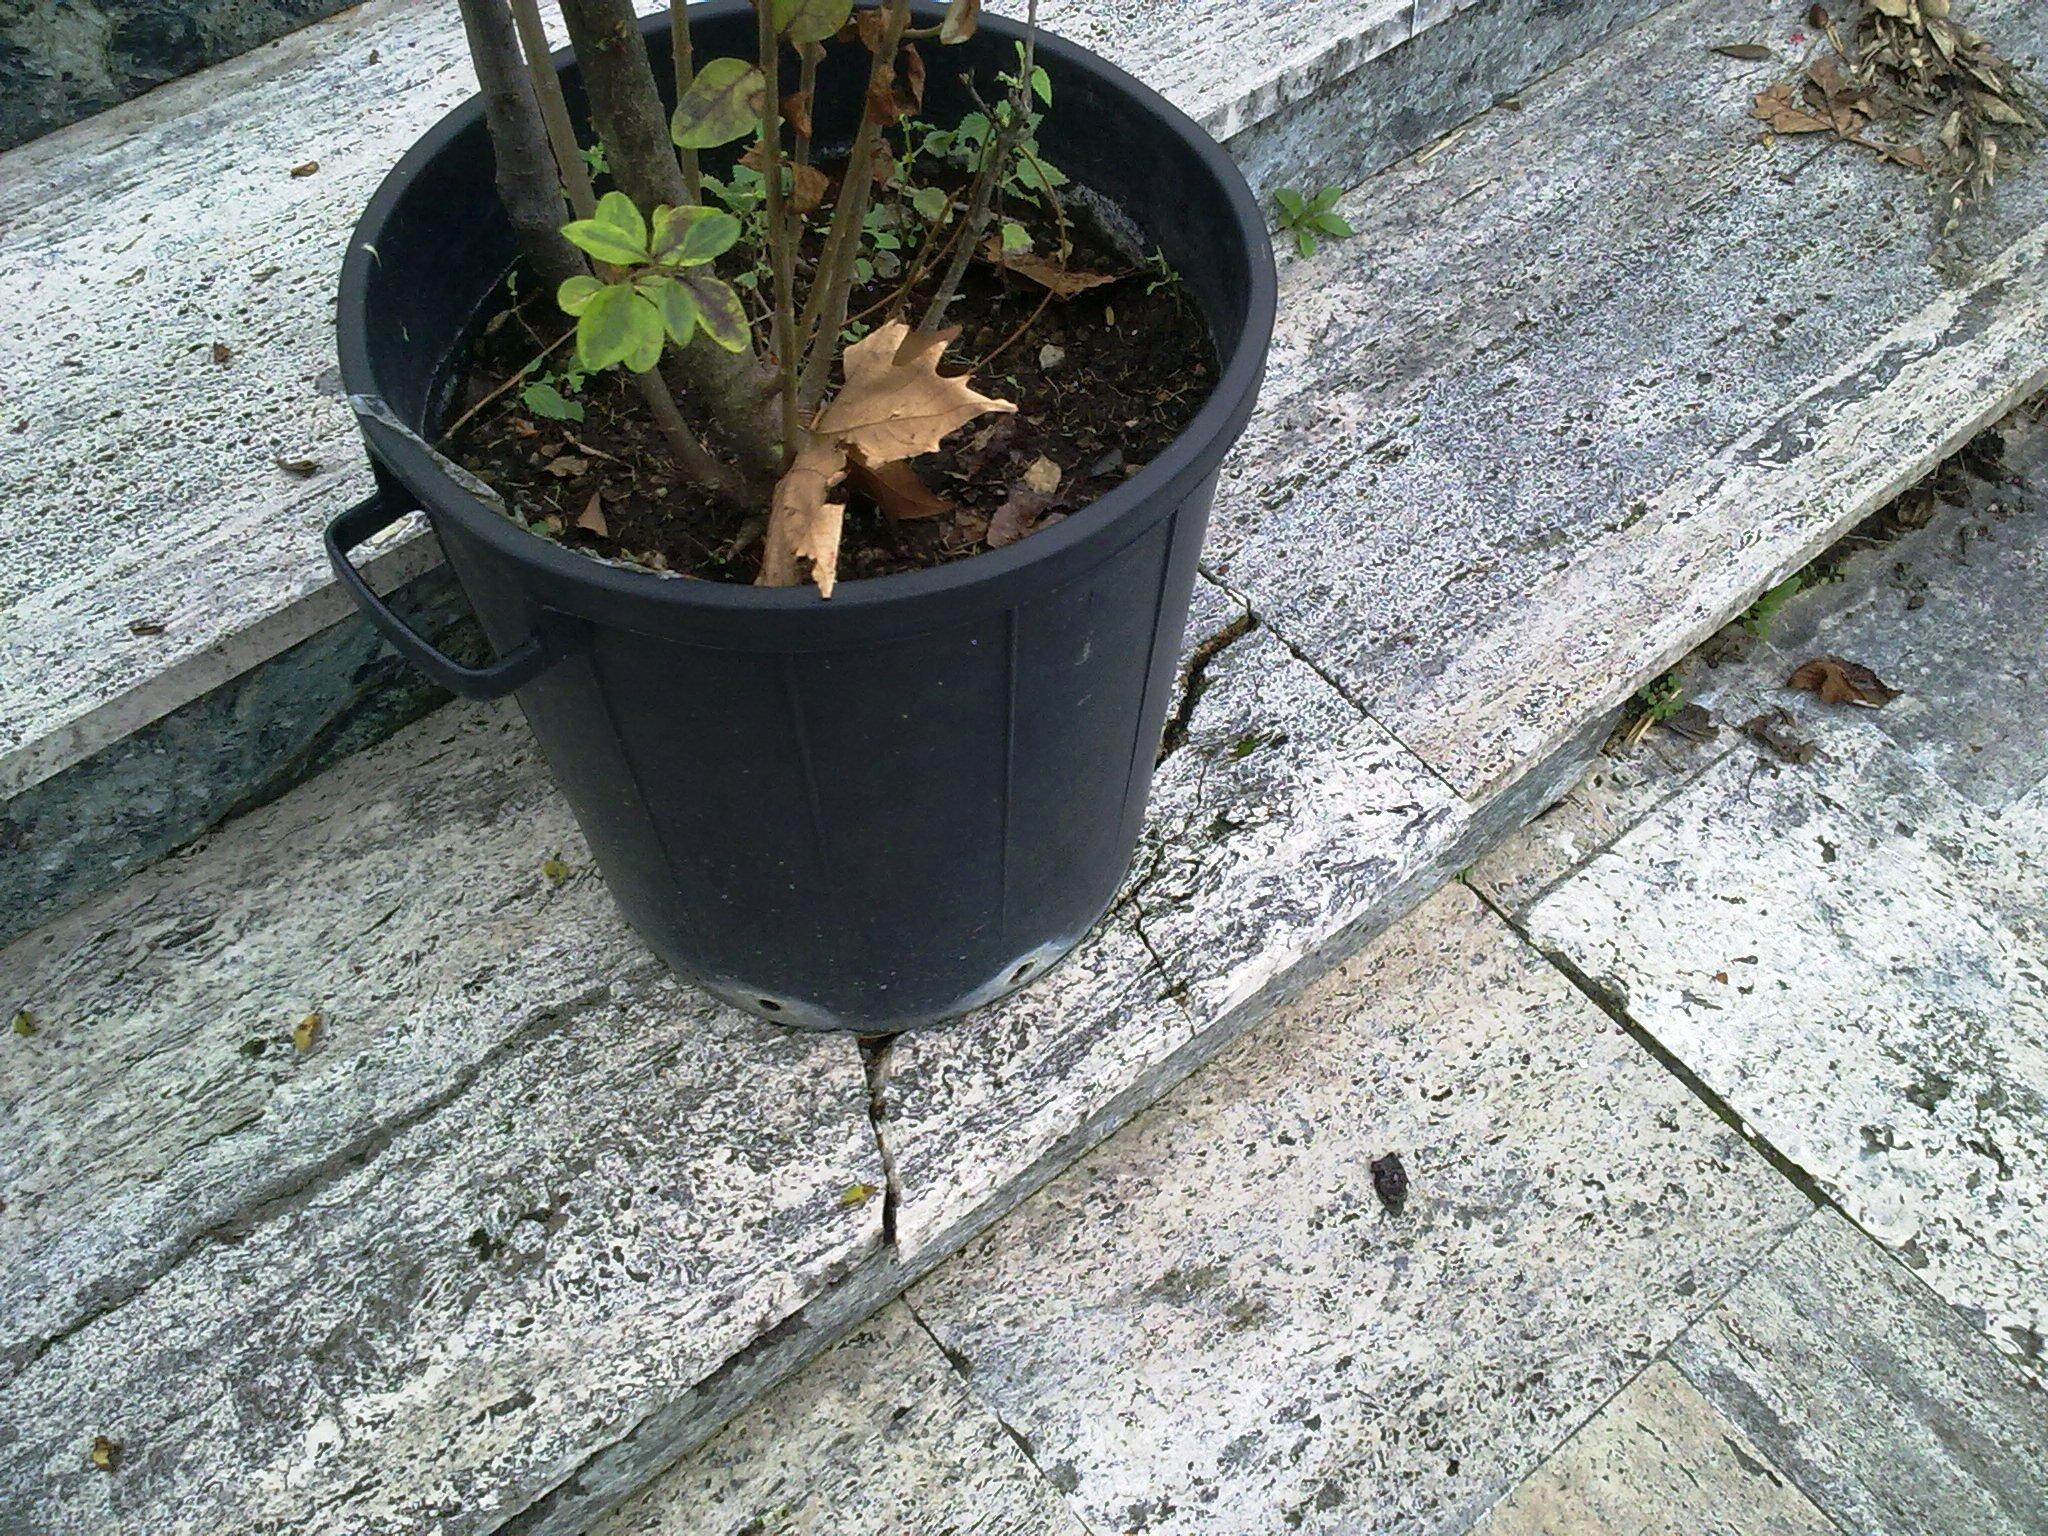 Il vaso contenente  la pianta posizionato sul gradino della scalinata della scuola